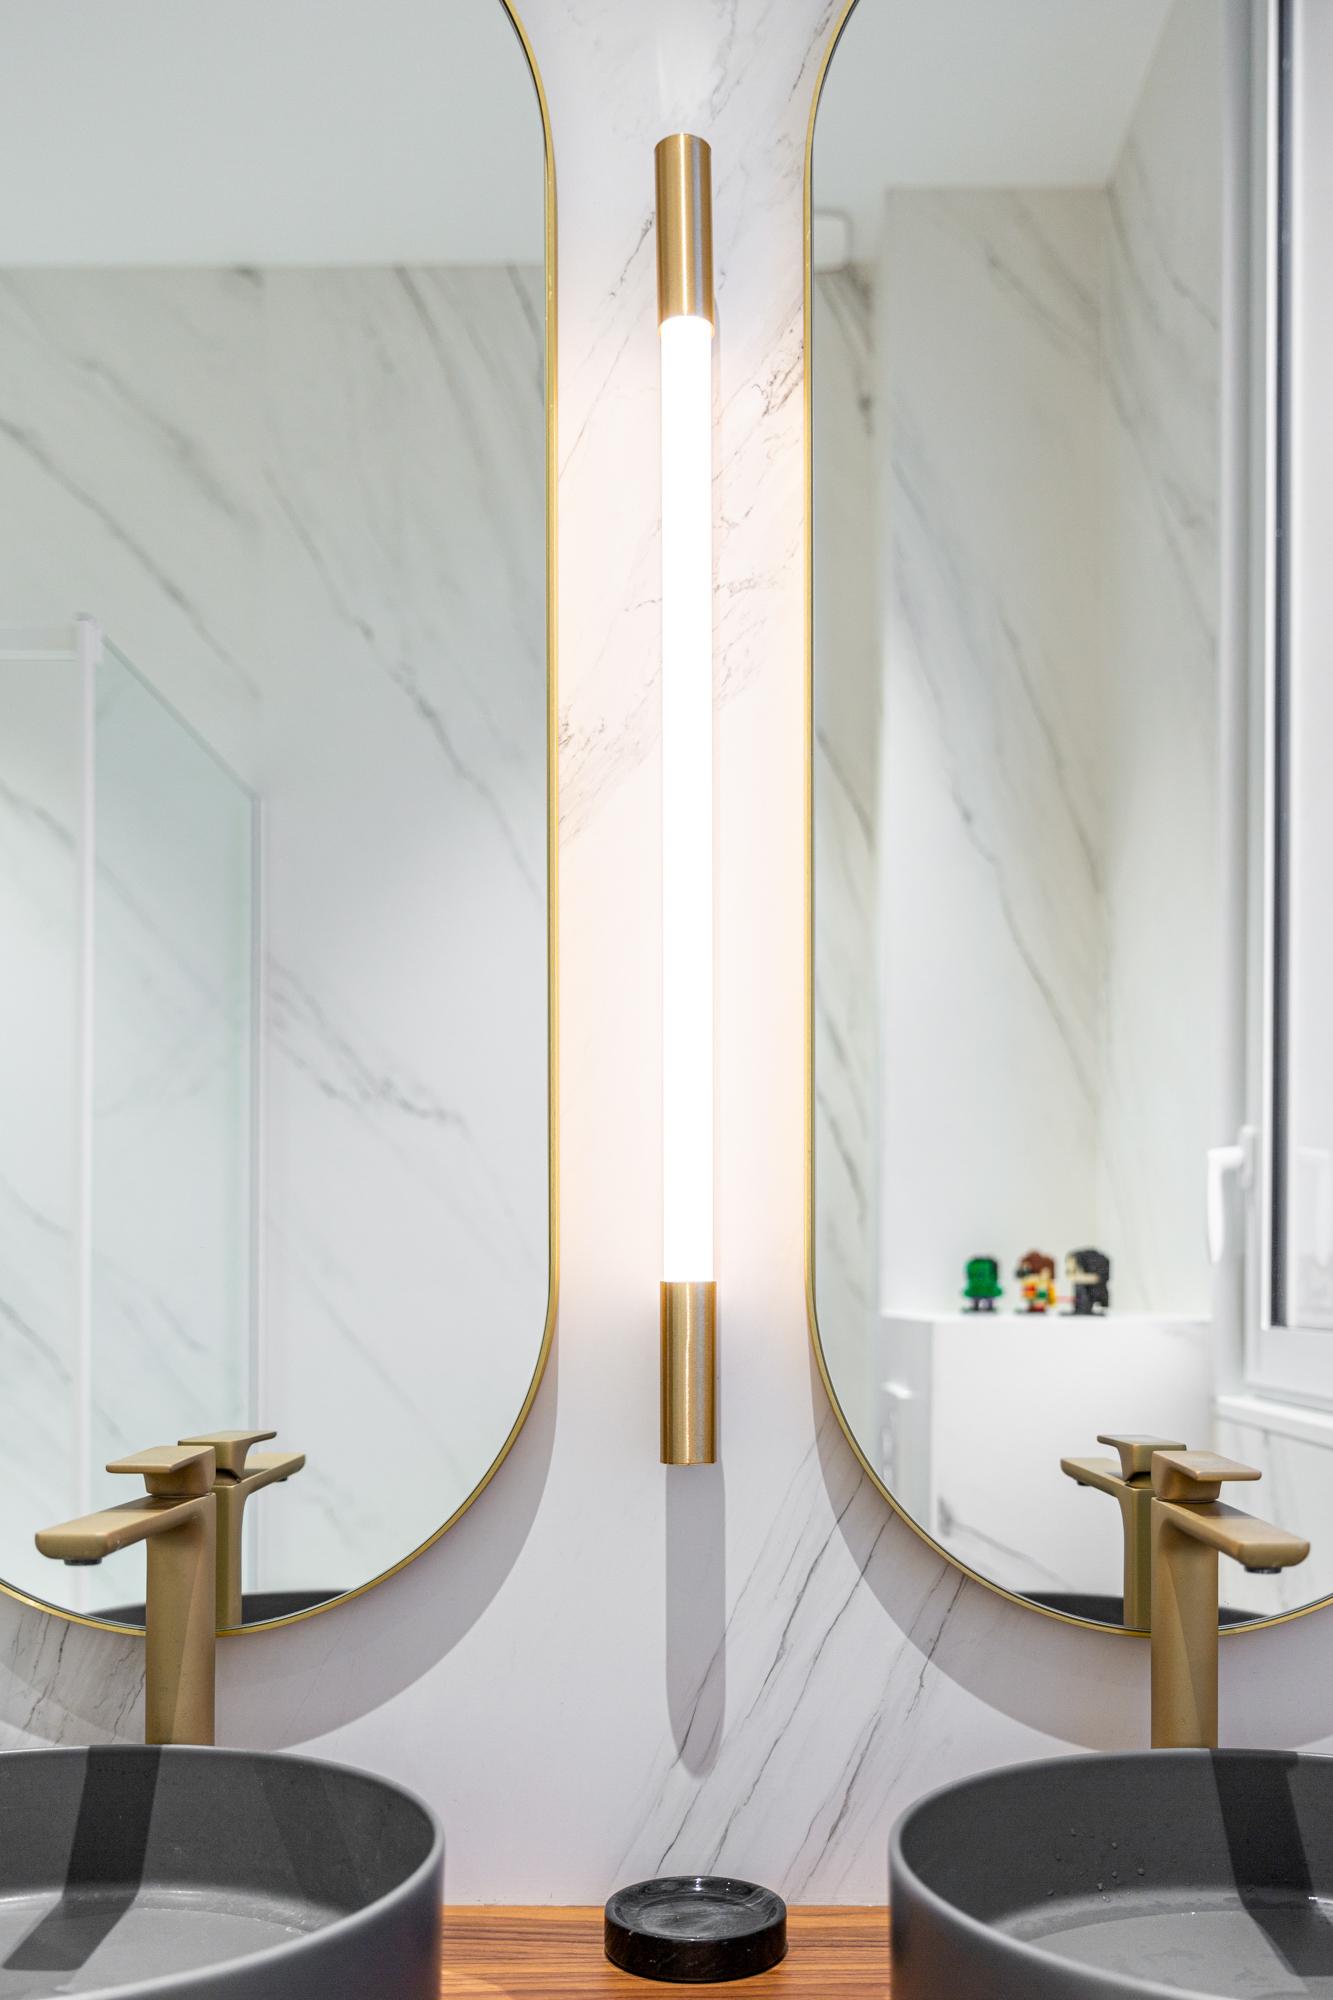 Eclairage de type tube dans une salle de bain avec deux miroirs. On aperçoit deux vasques